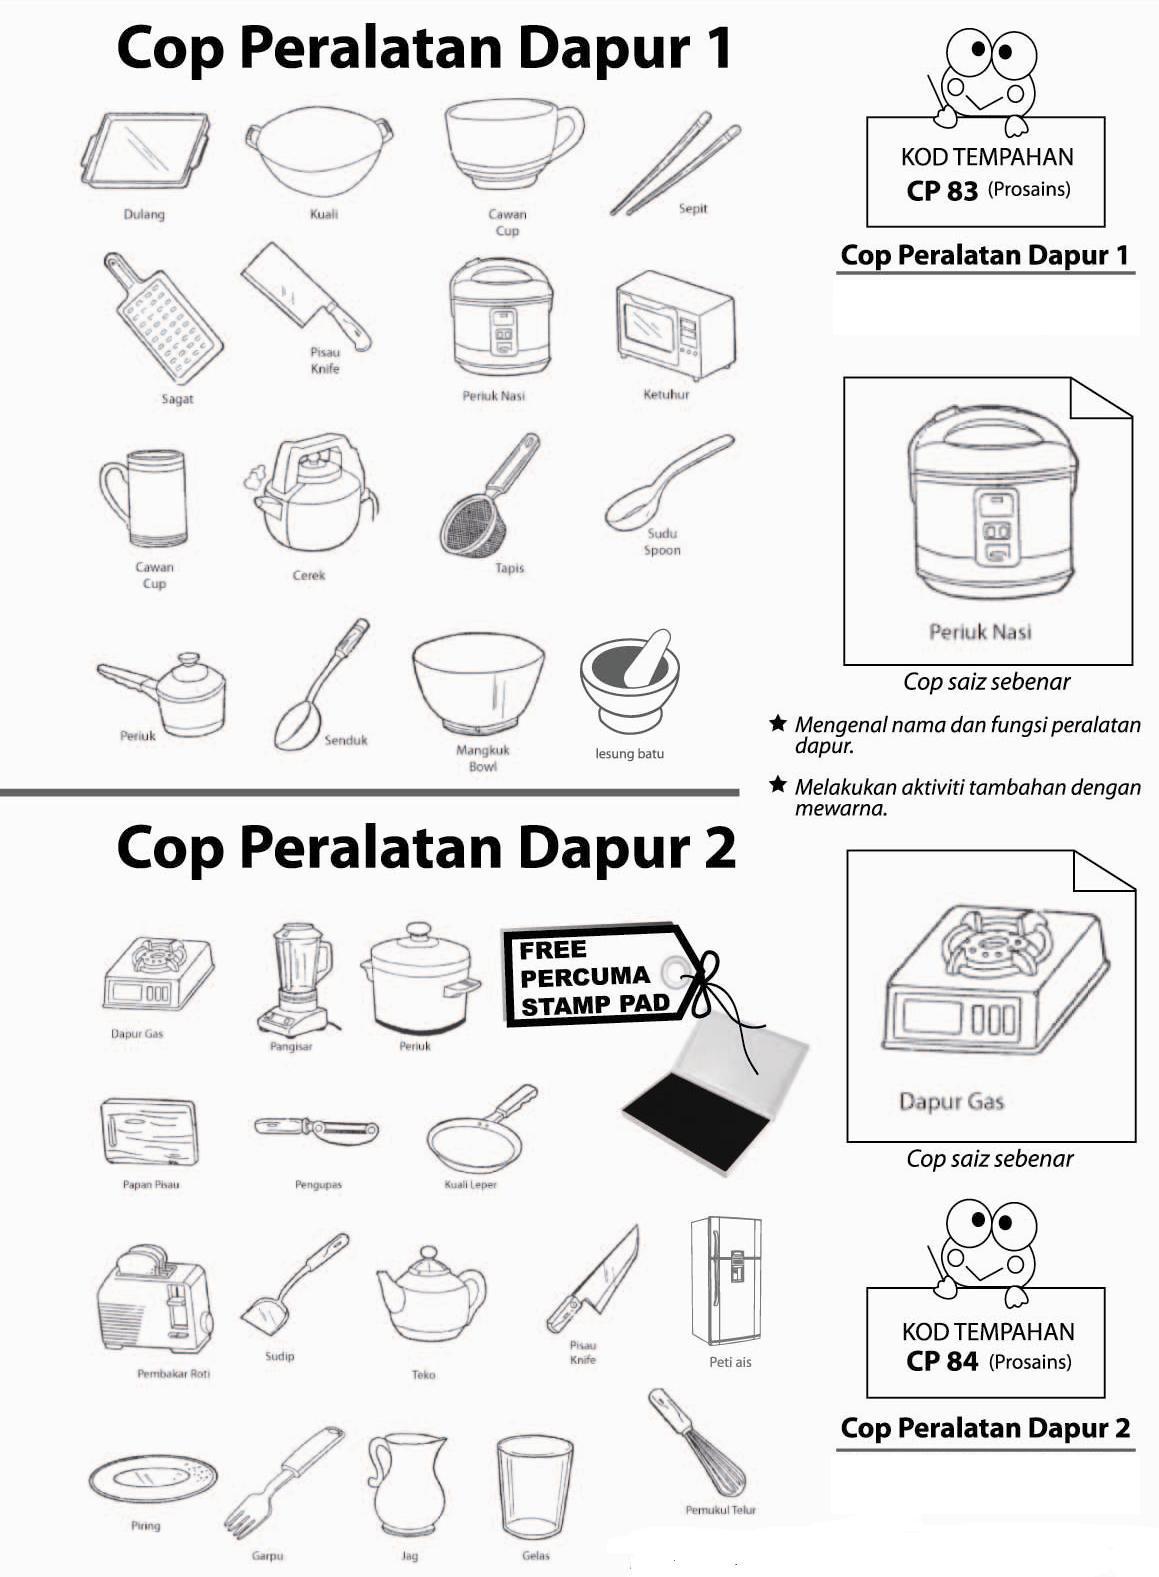 COP PERALATAN DAPUR